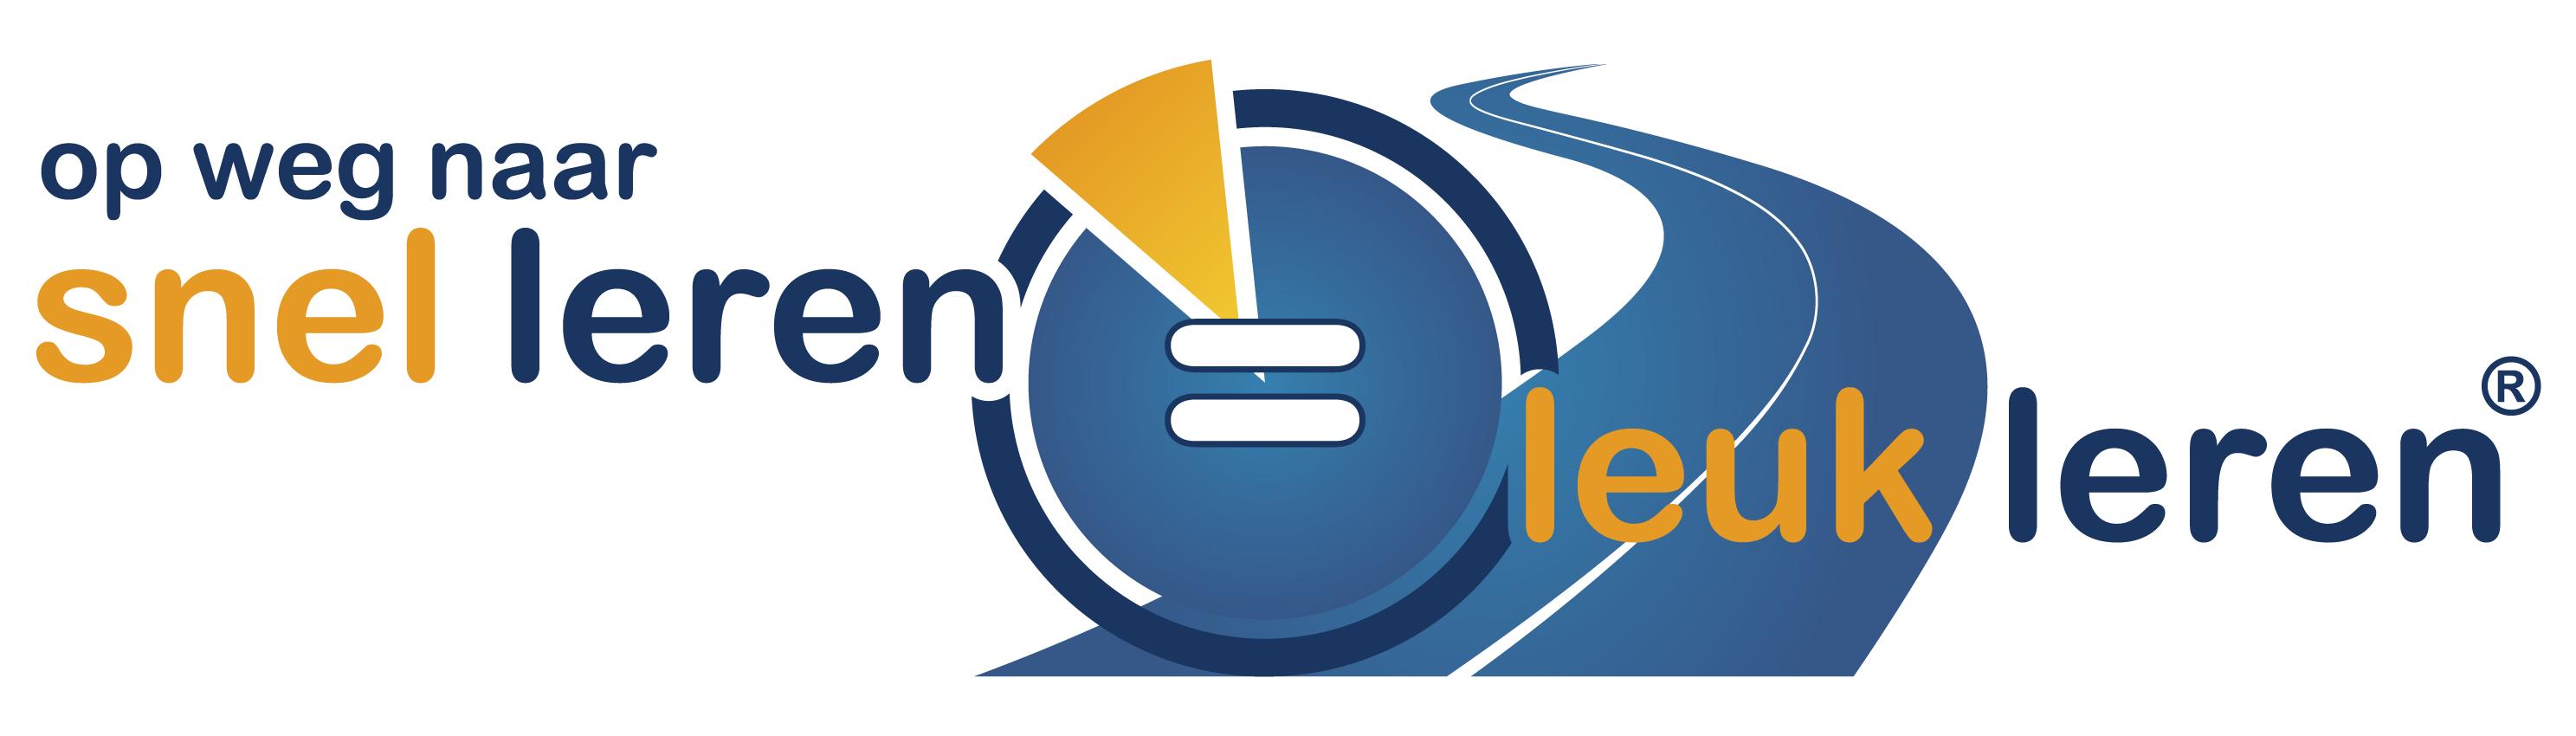 12. logo OP WEG NAAR Snel leren = leuk leren